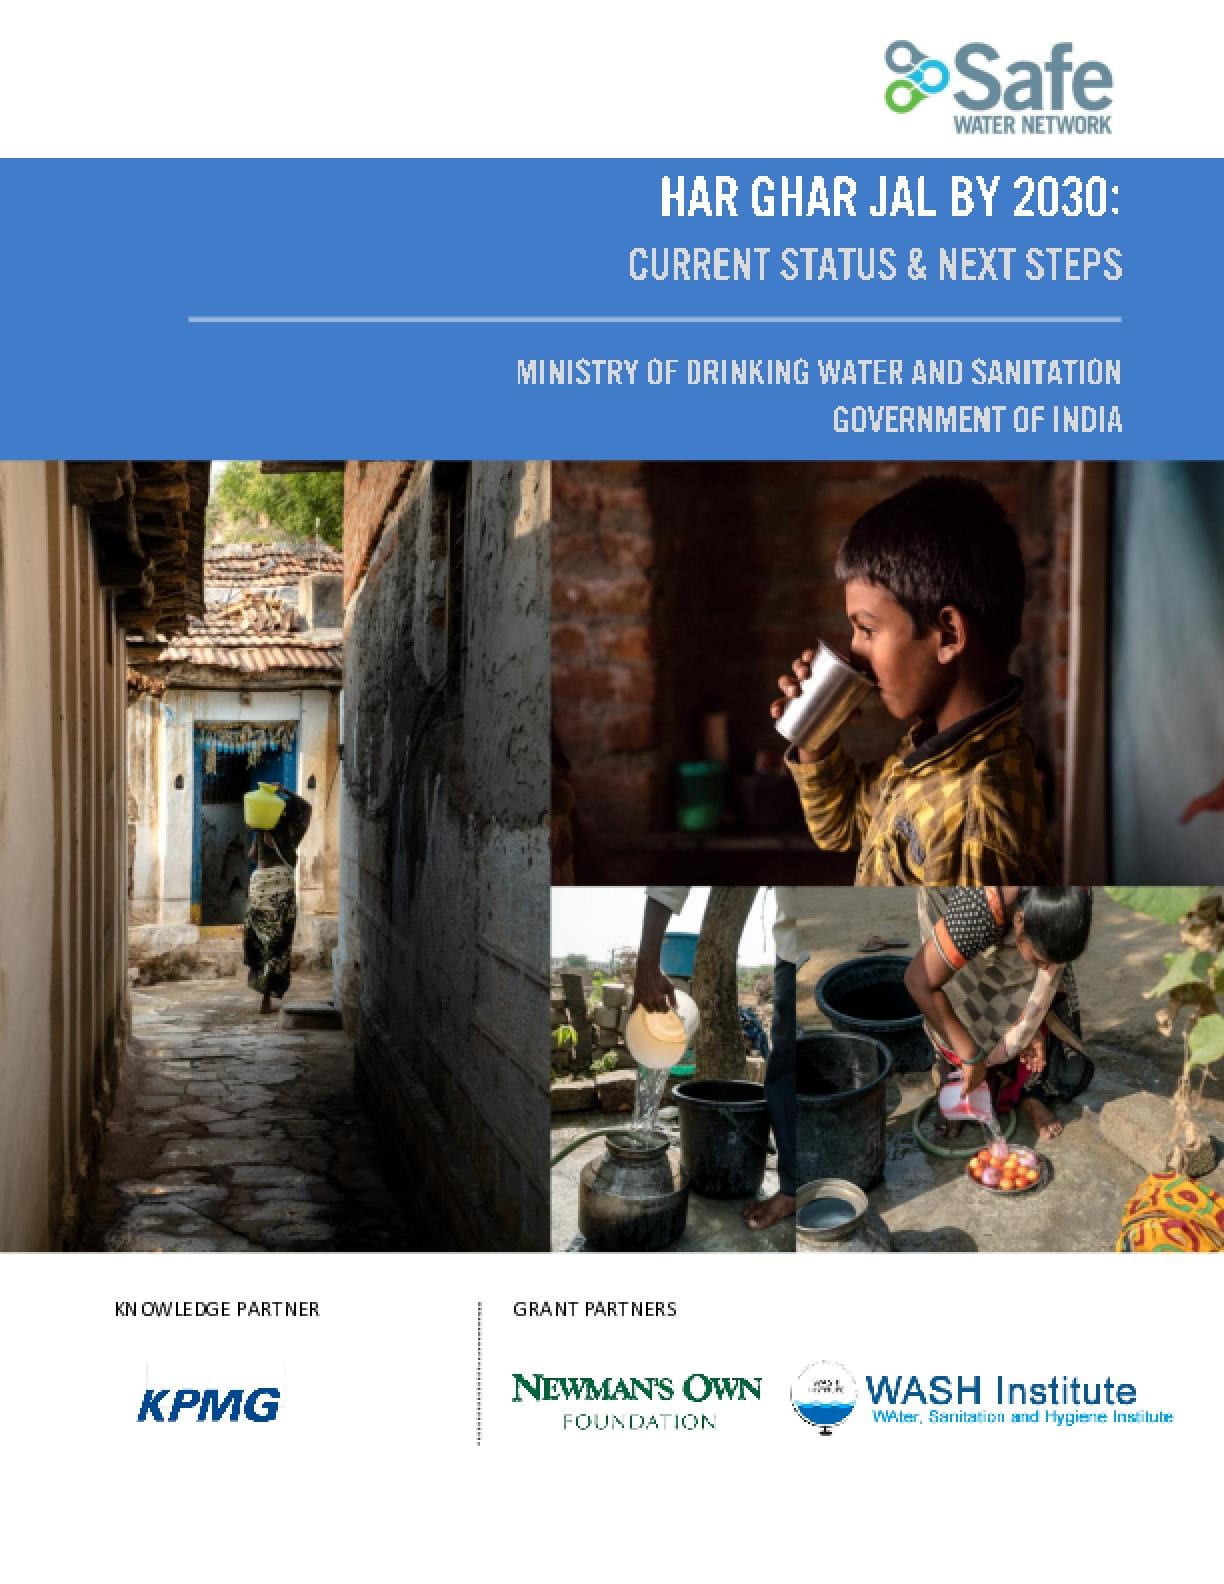 Har Ghar Jal by 2030: Current Status & Next Steps